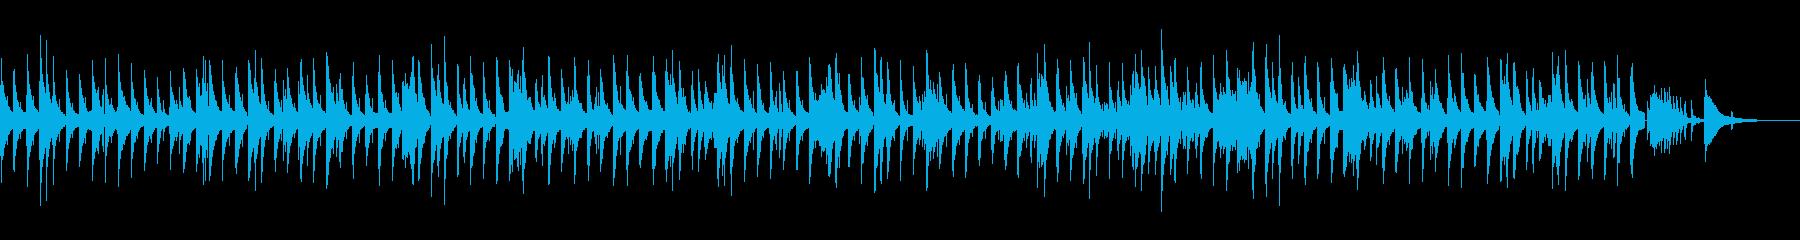 しっとりお洒落なジャズバラードBGMの再生済みの波形